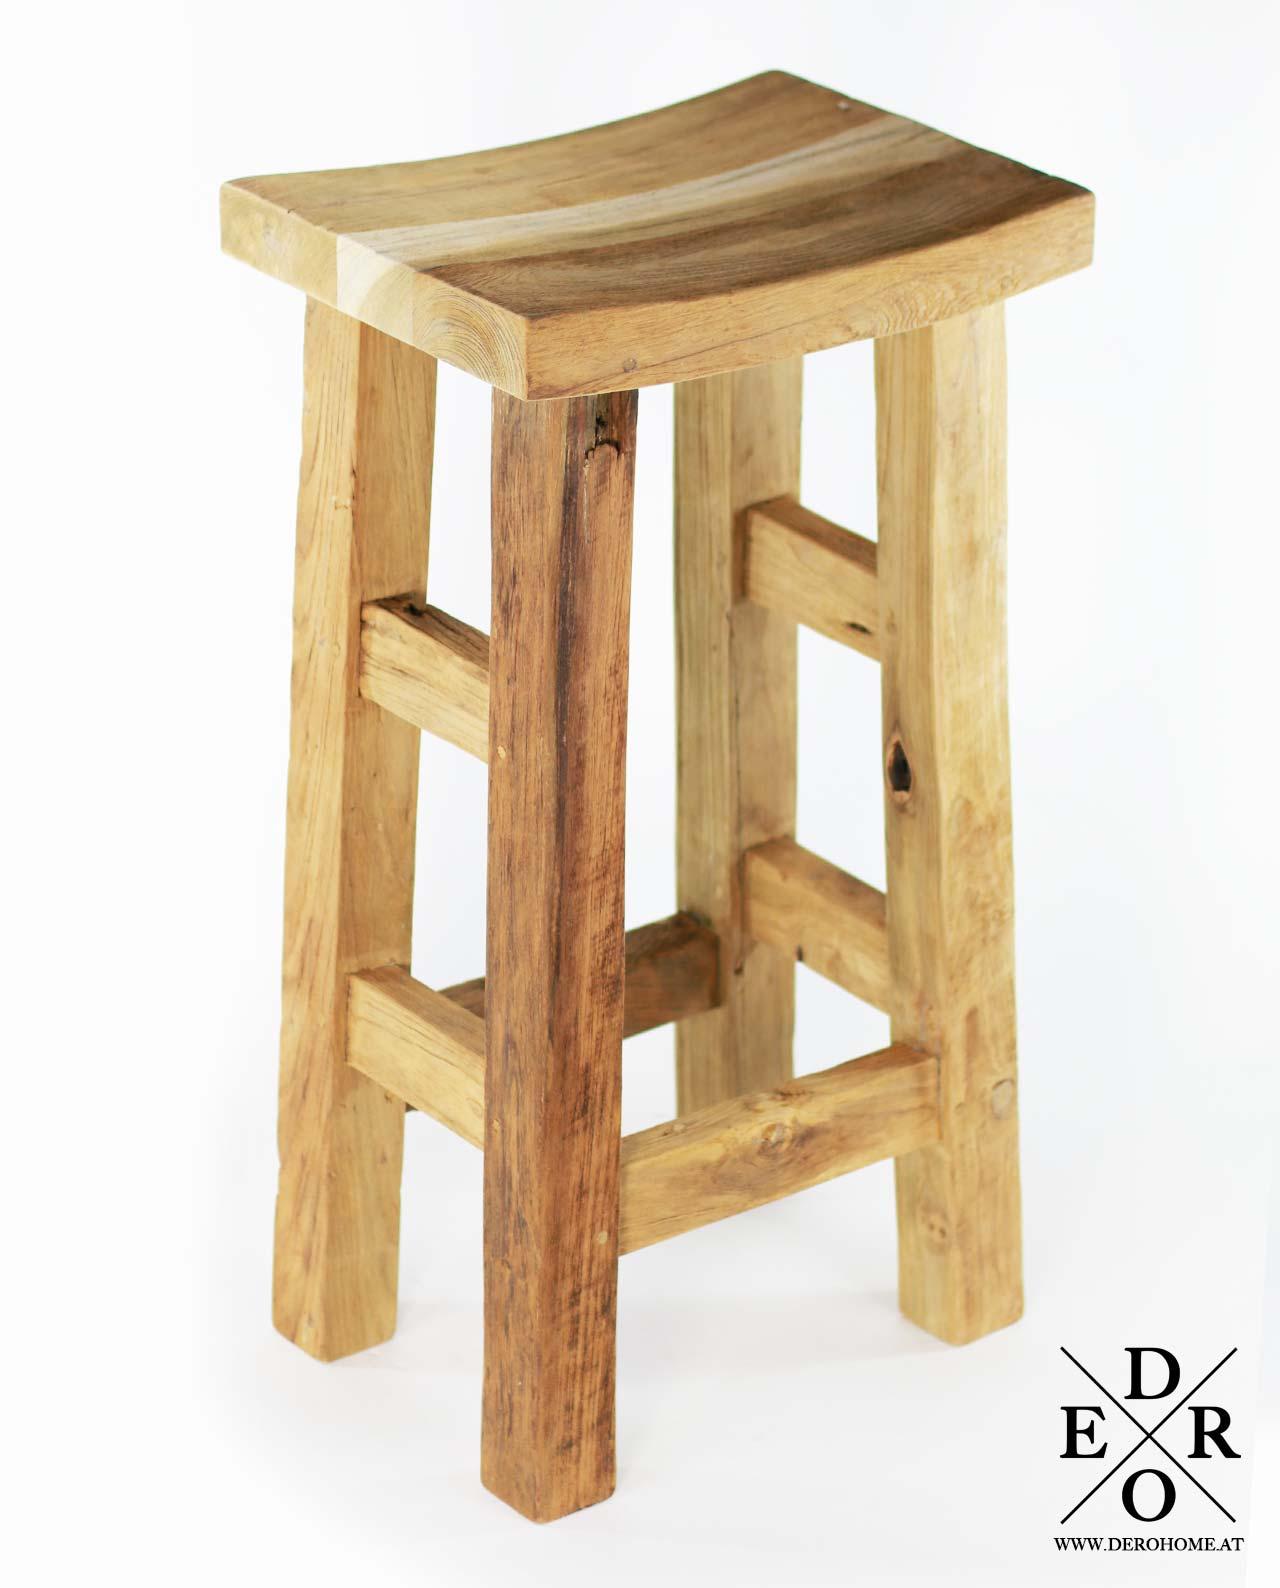 barhocker christan teakholz massiv derohome at. Black Bedroom Furniture Sets. Home Design Ideas